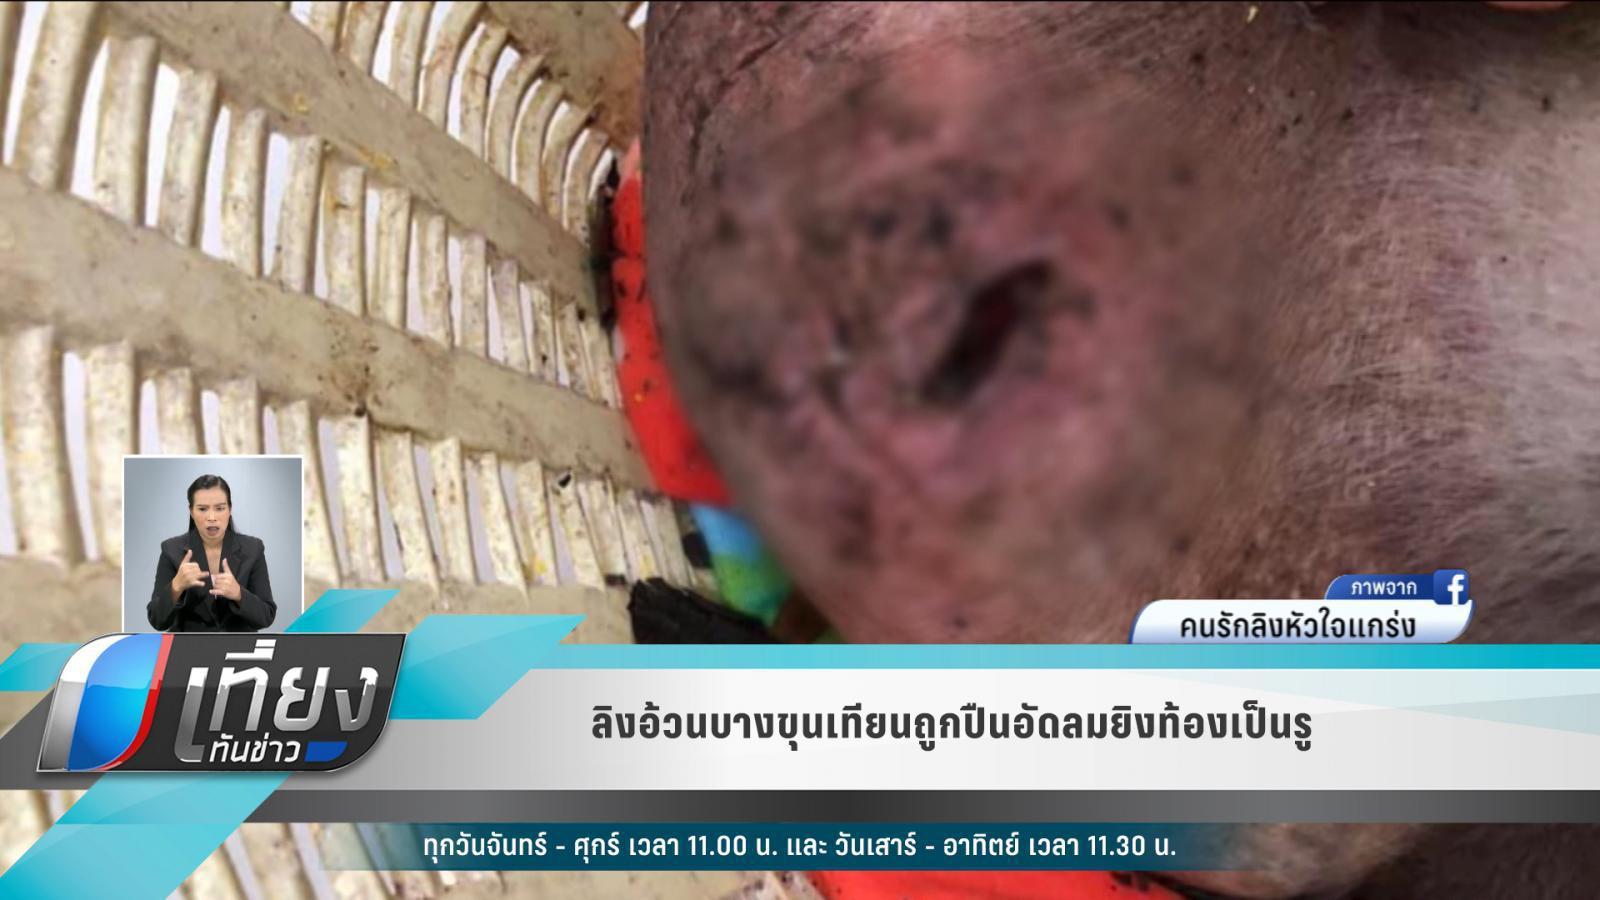 ลิงอ้วนบางขุนเทียนถูกปืนอัดลมยิงท้องเป็นรู